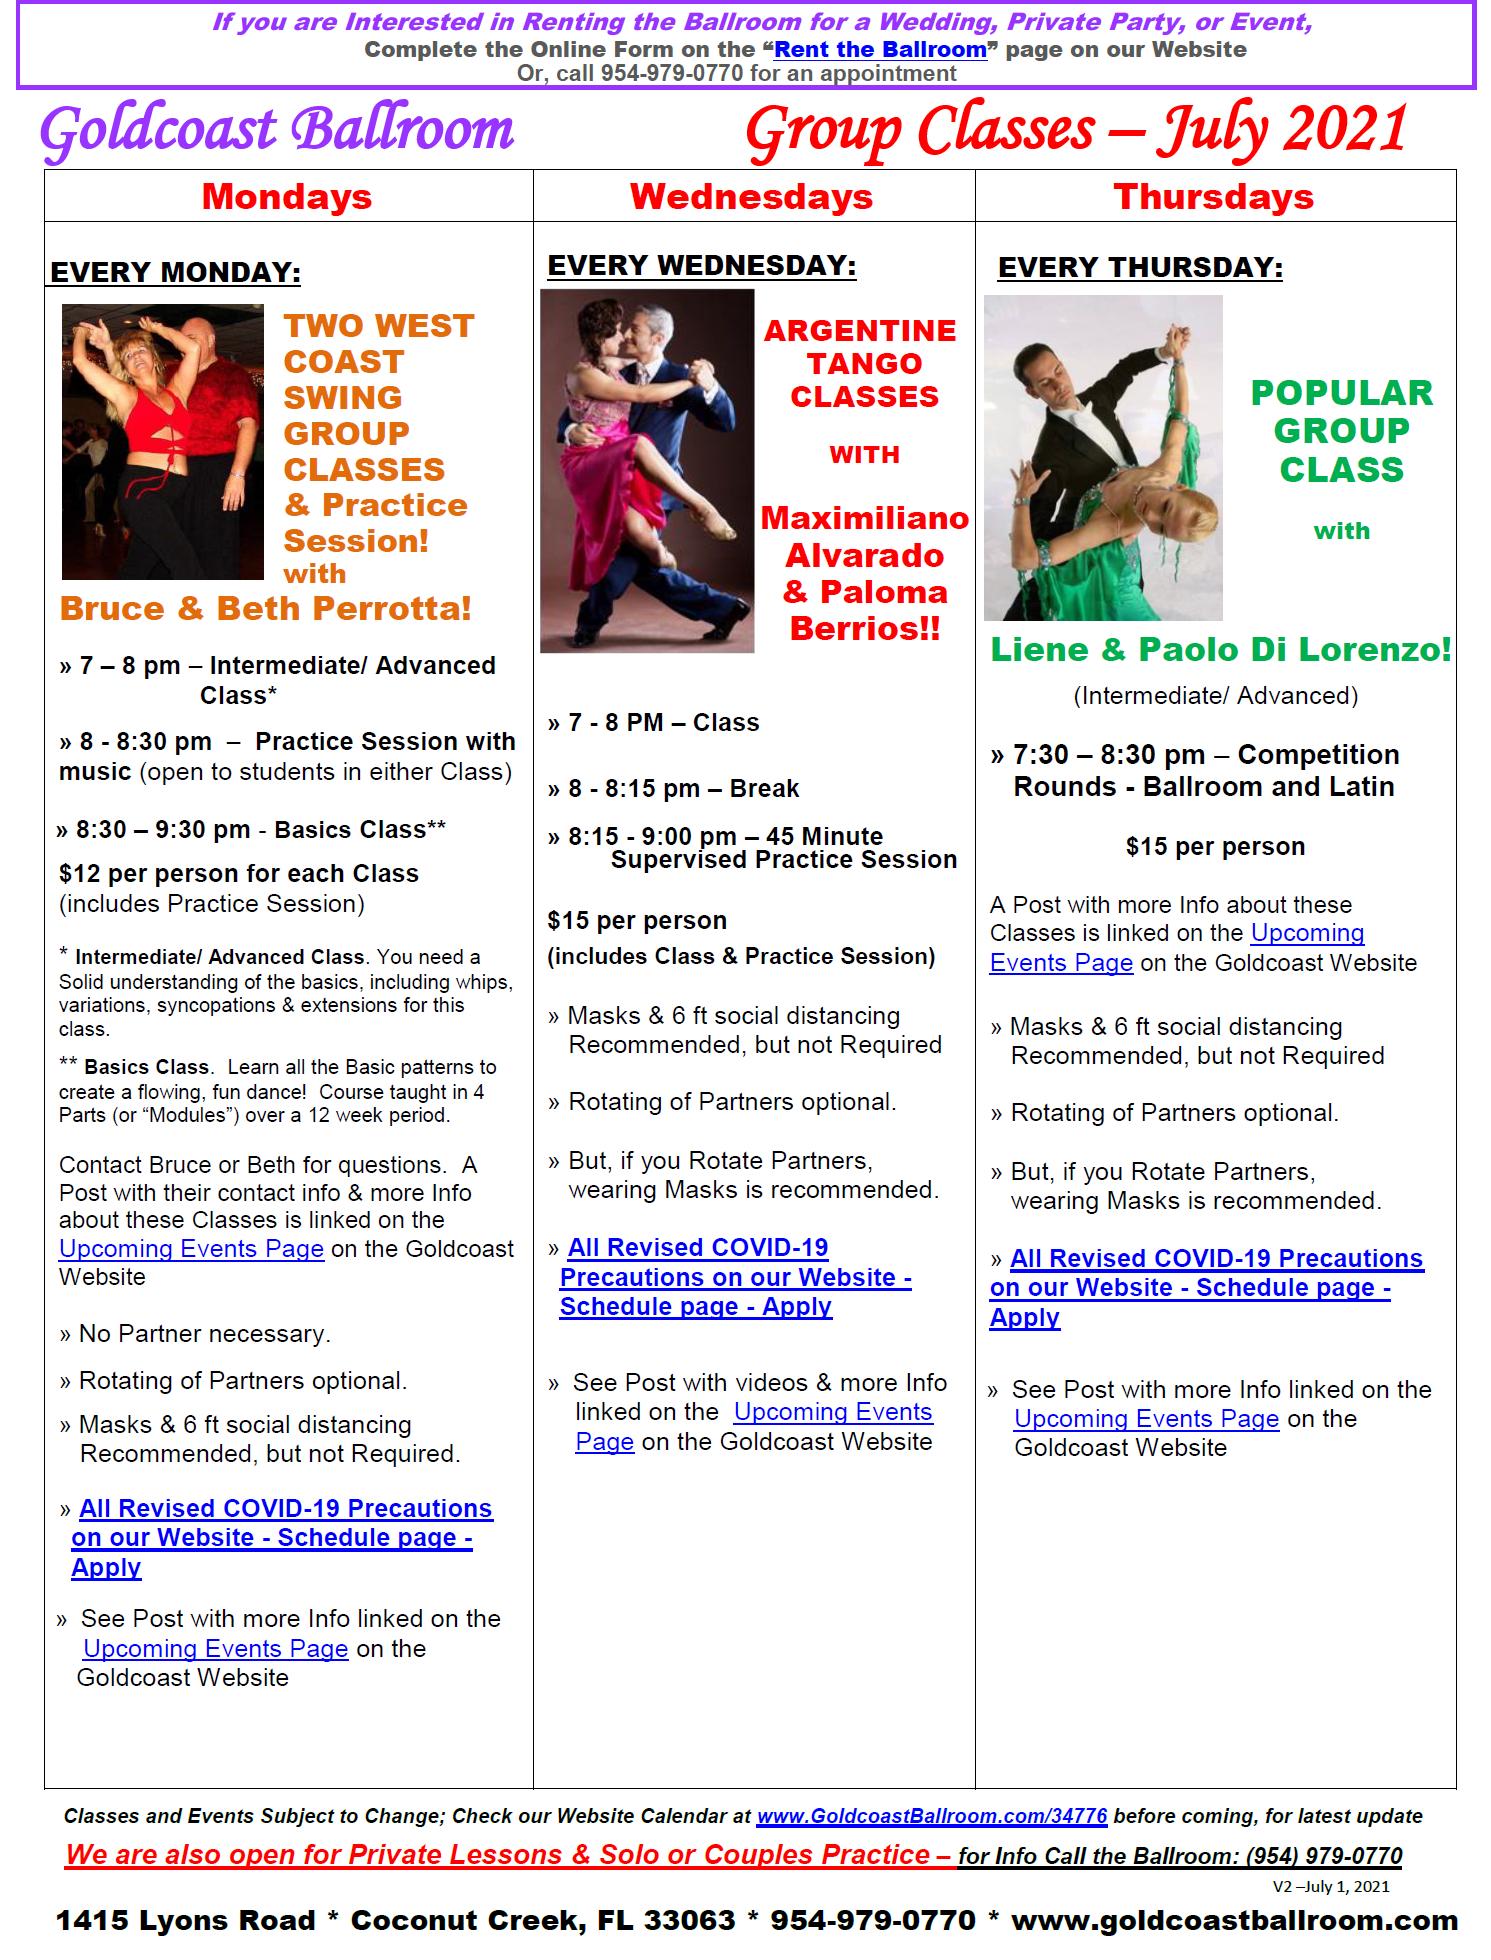 Goldcoast Ballroom July, 2021 Calendar - Group Class Schedule